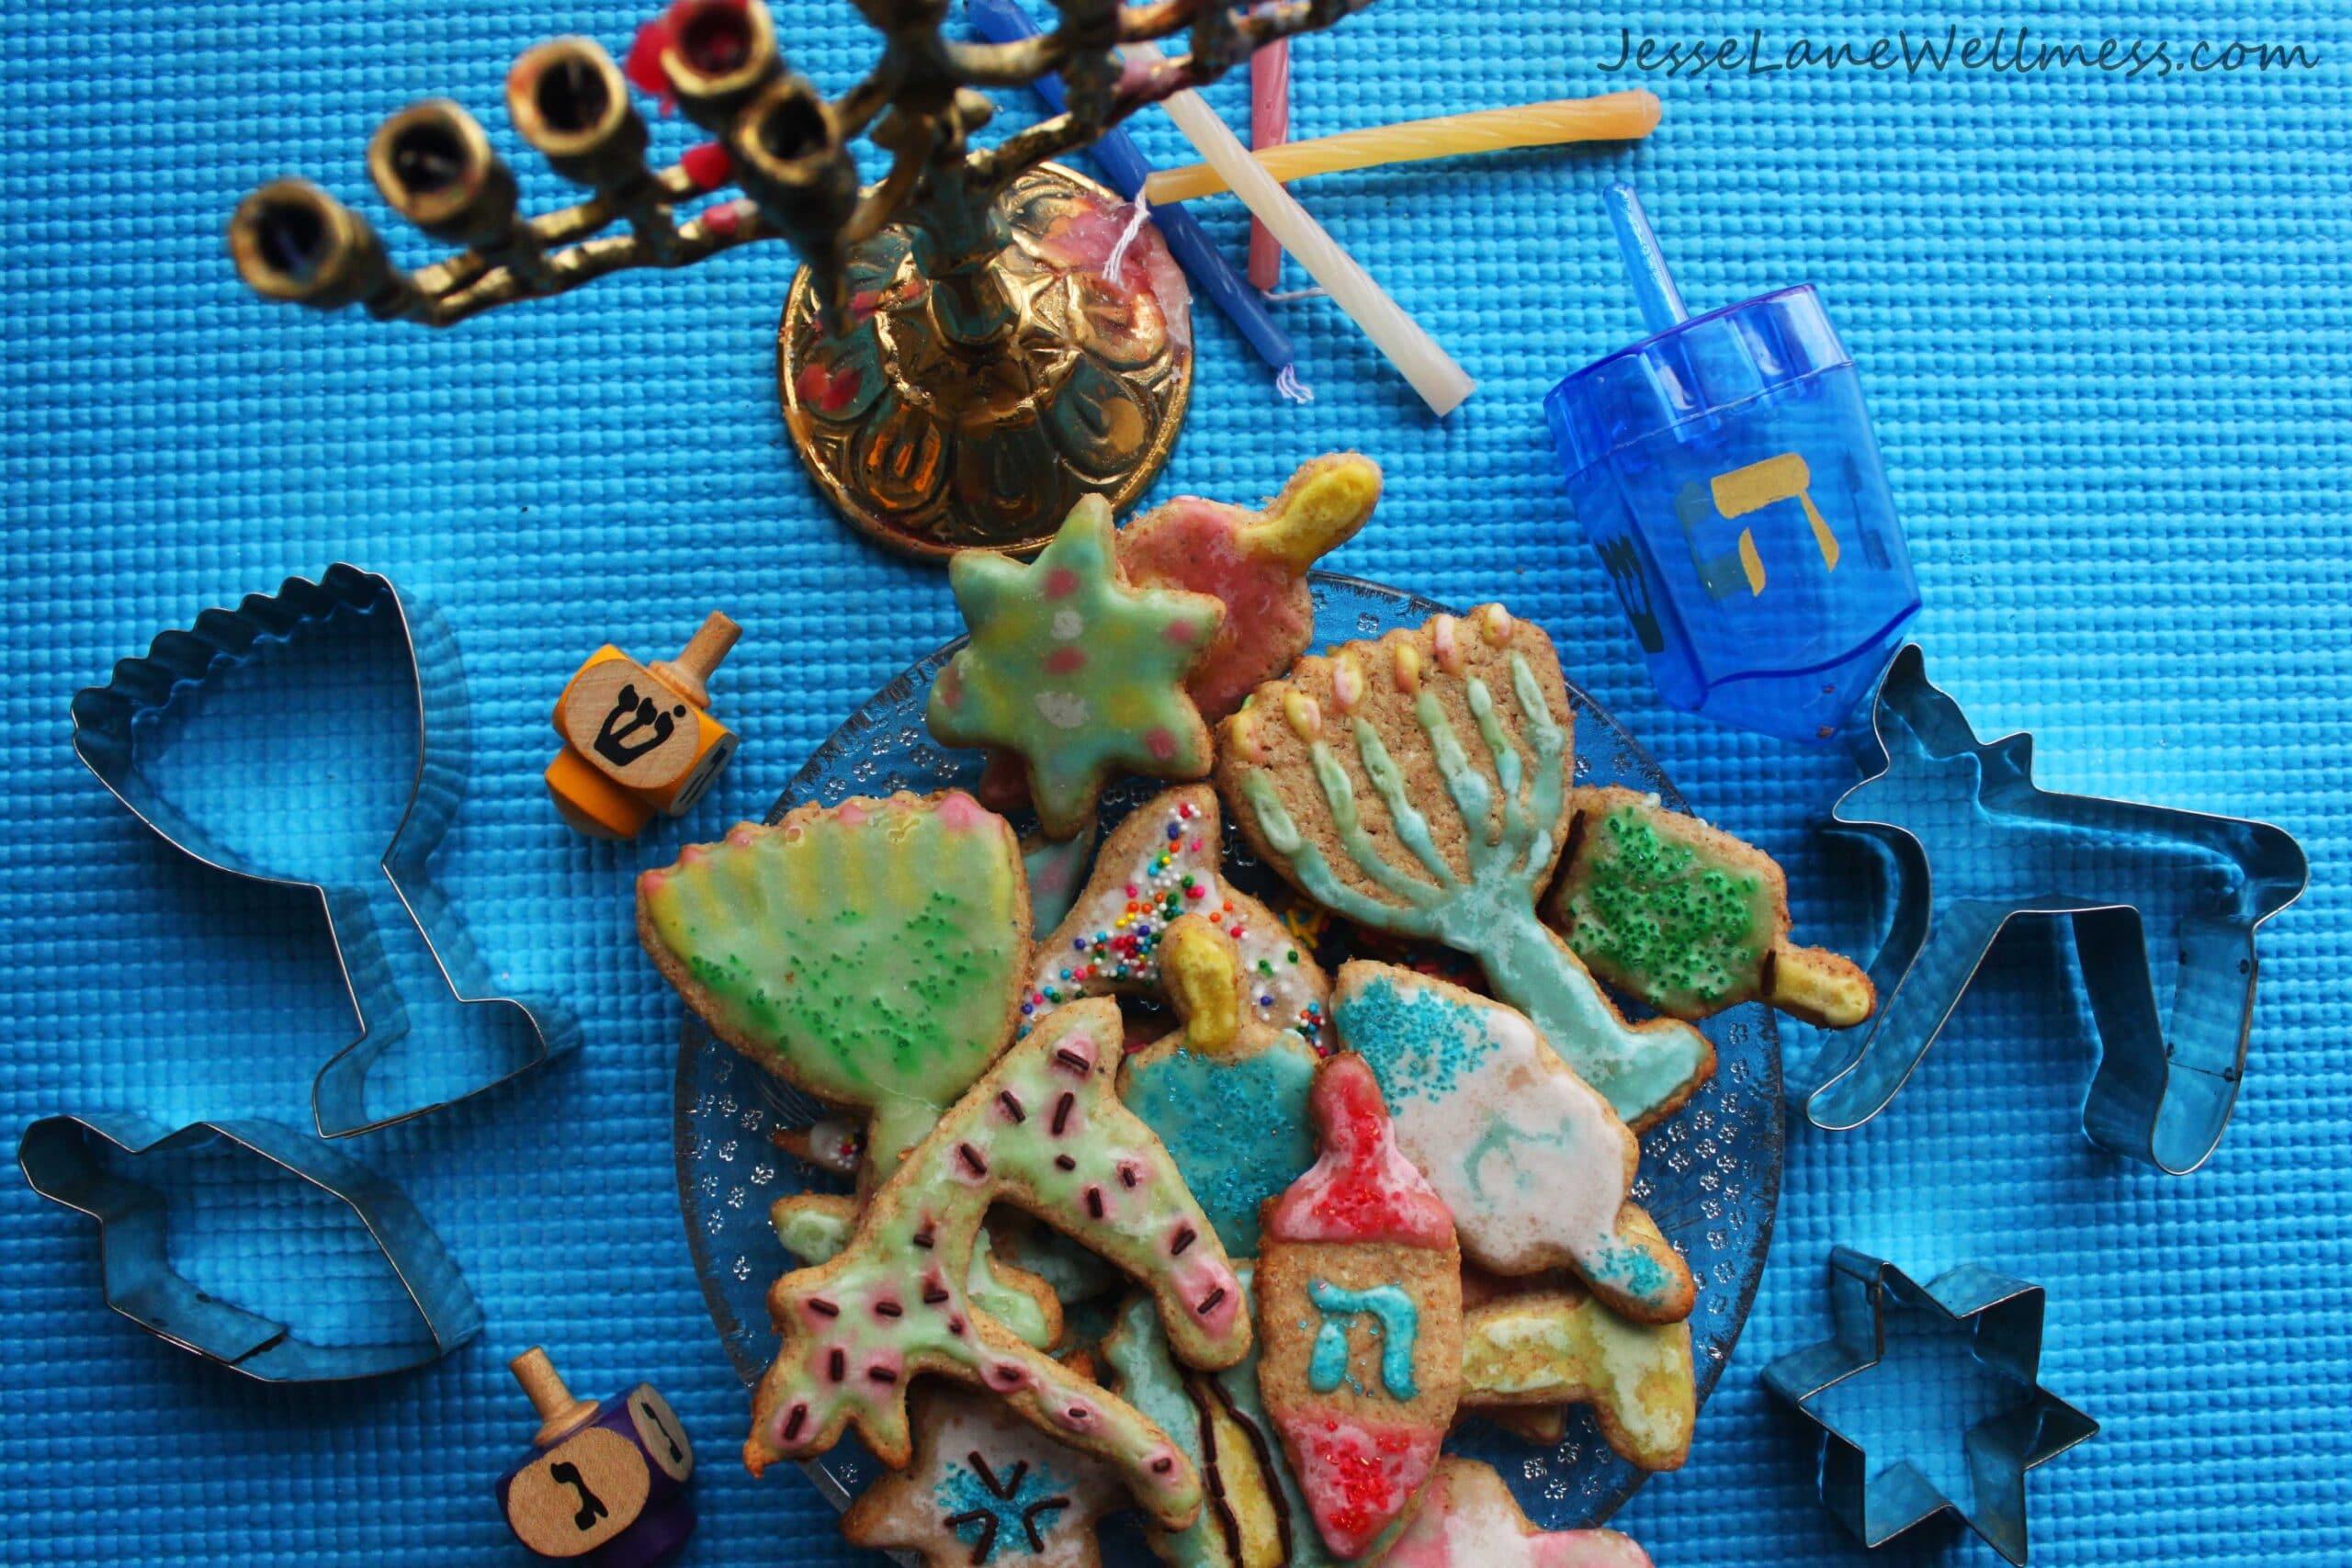 Spelt Sugar Cookies by @JesseLWellness #sugarcookies